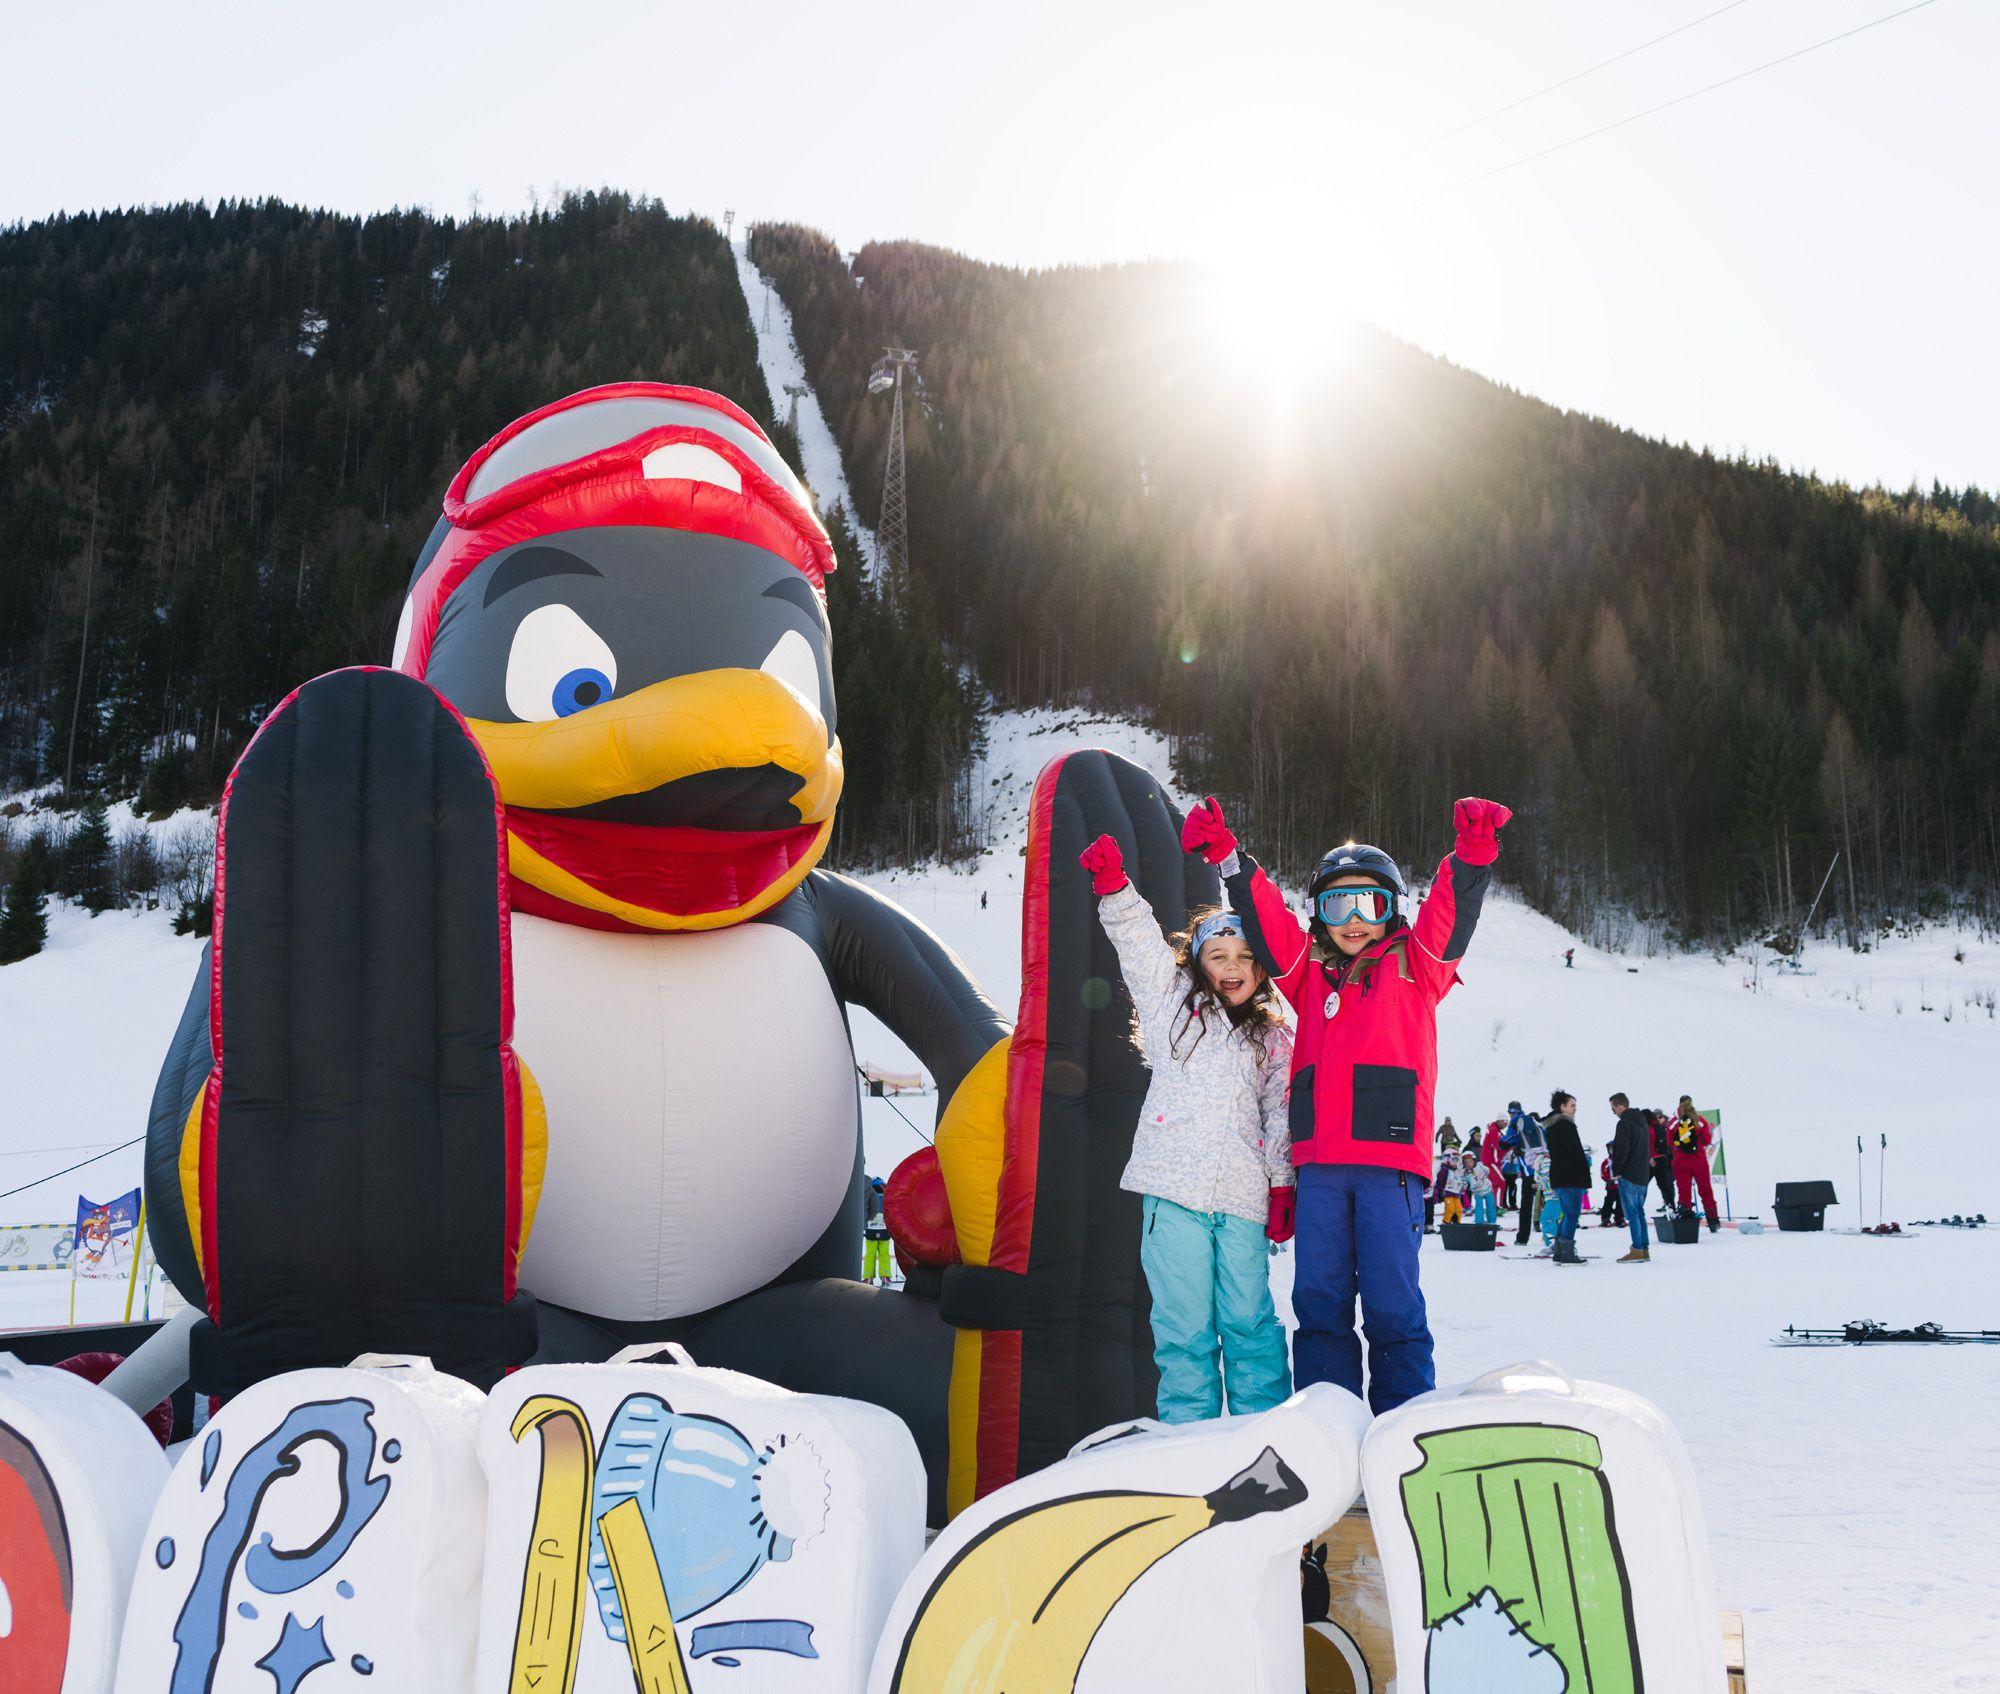 Pinguin BOBO's KINDER-CLUB© | Skifahren lernen mit BOBO dem Pinguin